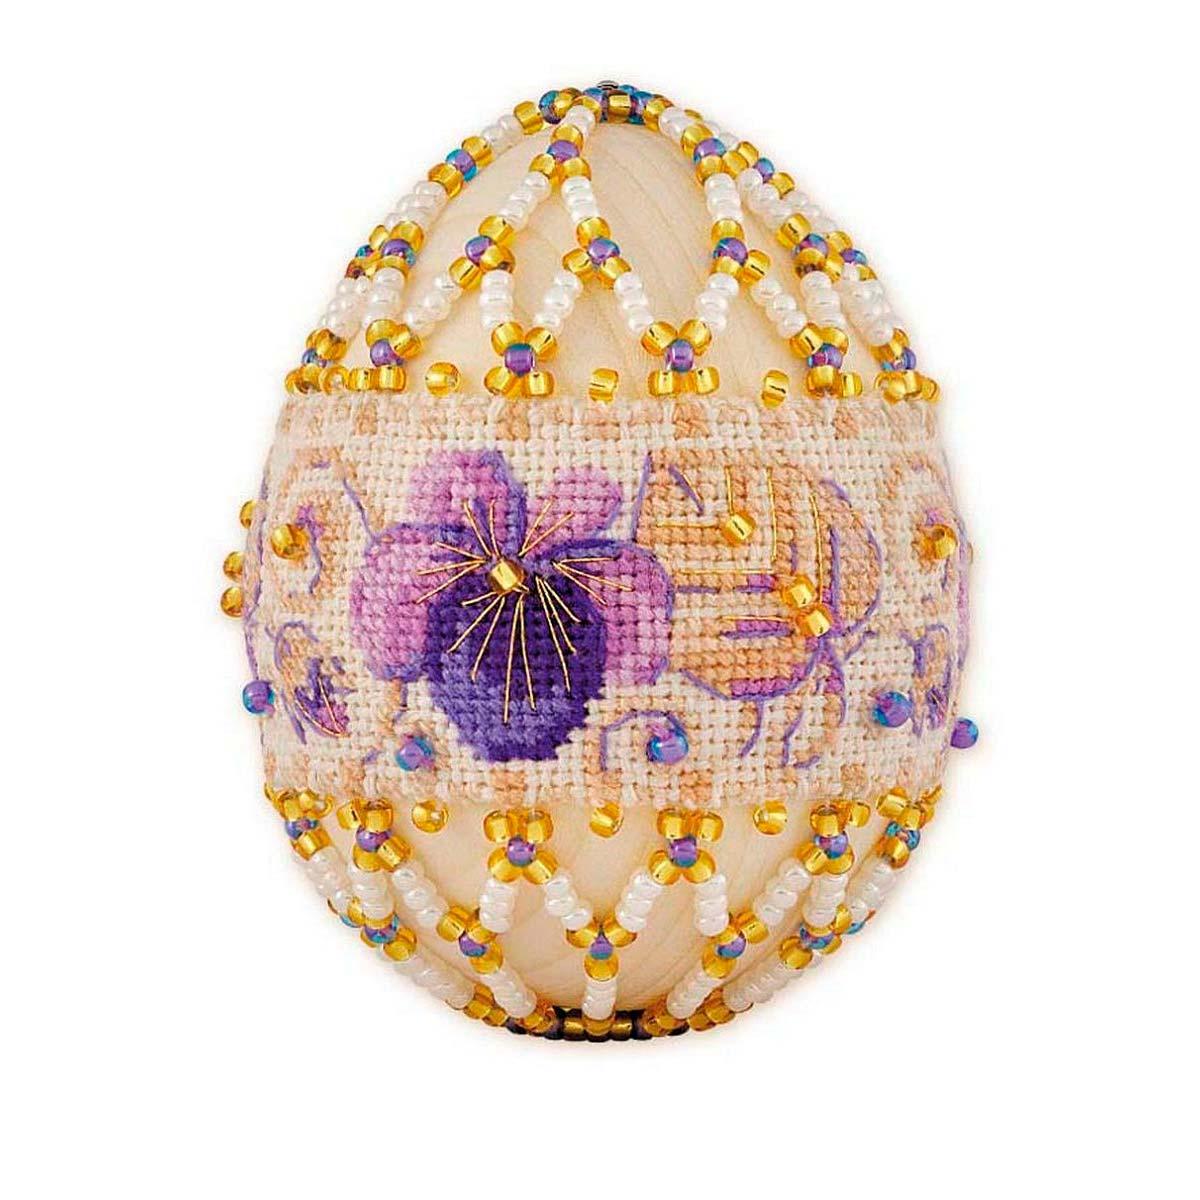 Б185 Набор для бисероплетения Riolis яйцо пасхальное 'Фиалки', 6*4,5 см